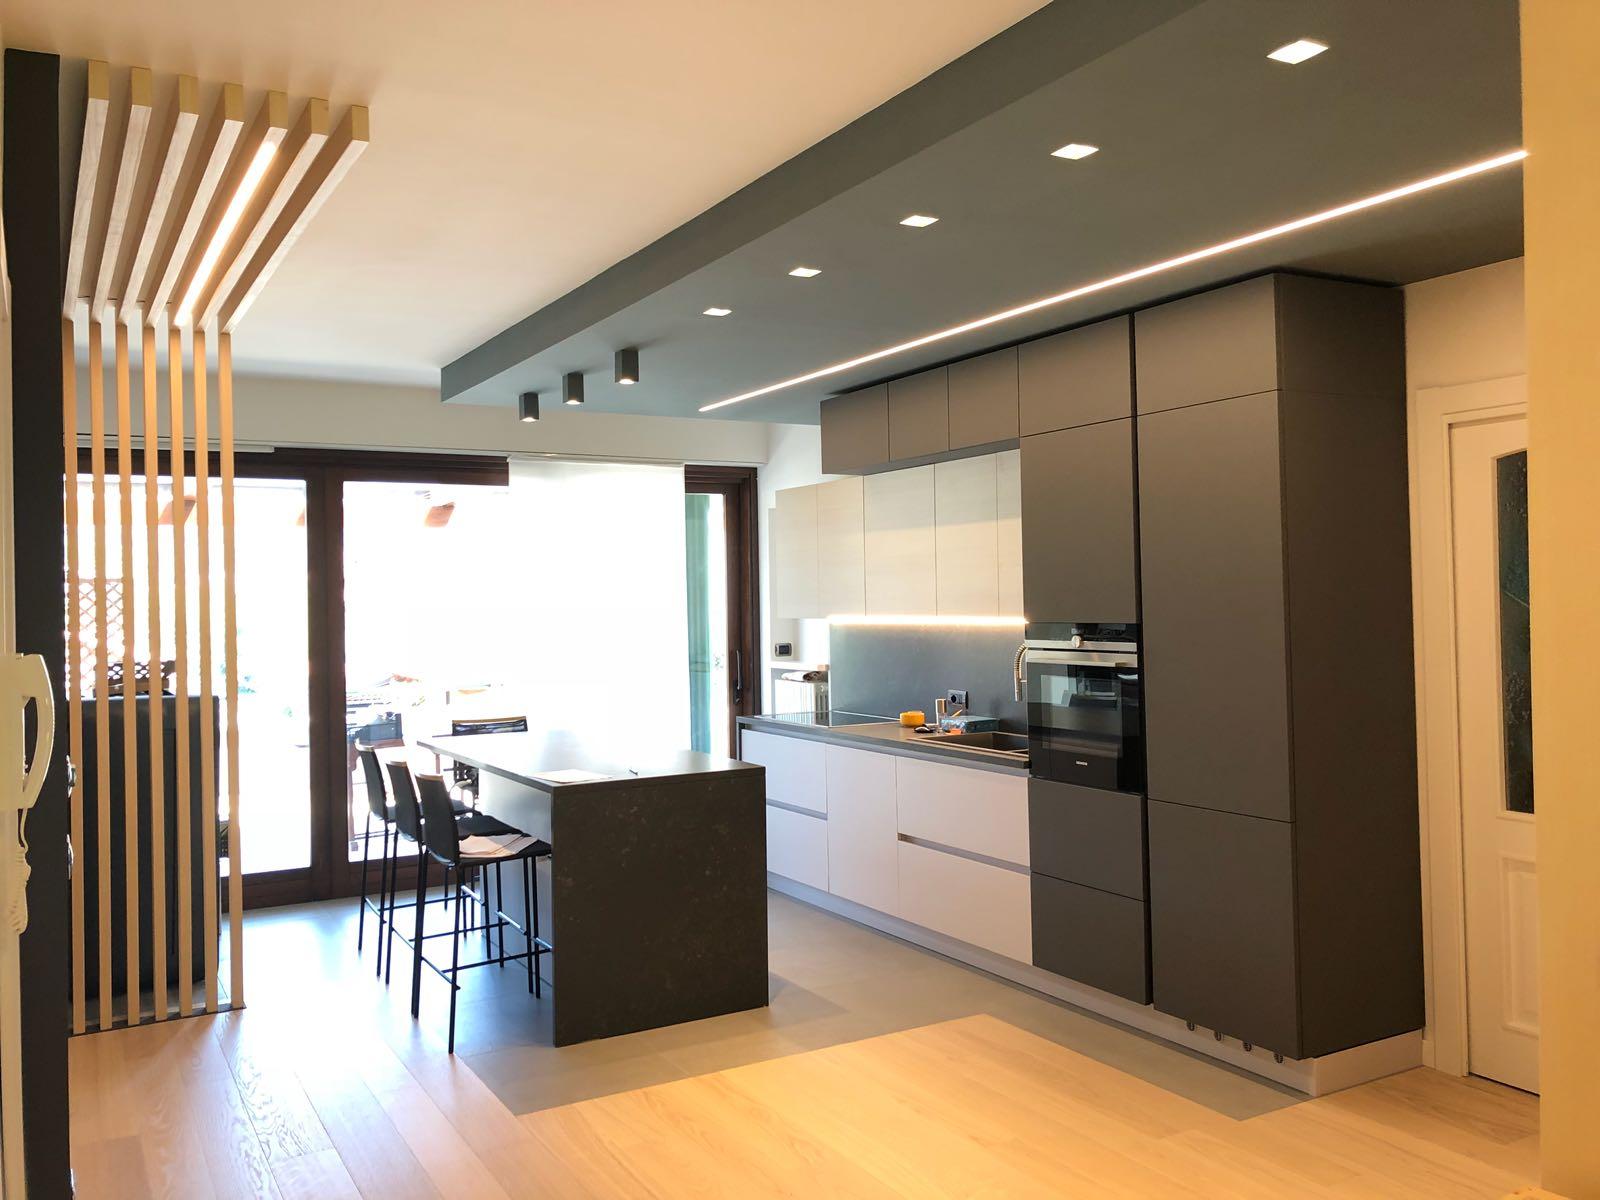 Ristrutturazione zona giorno in una casa privata a quarona for Progetto casa ristrutturazione